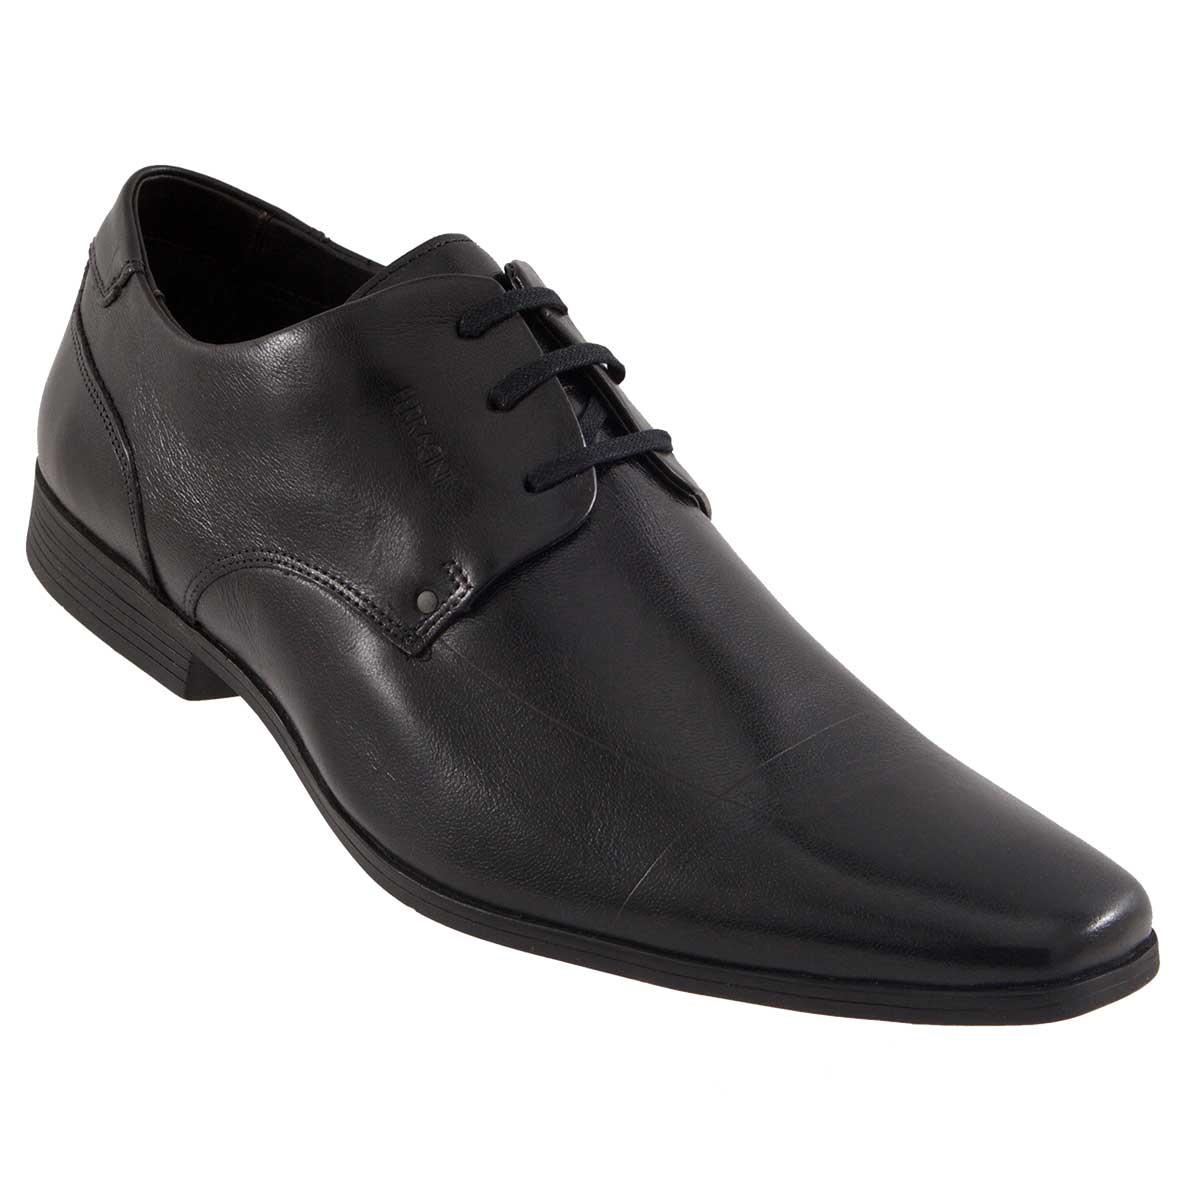 Sapato Social Masculino Ferracini Couro M1 4006-203G